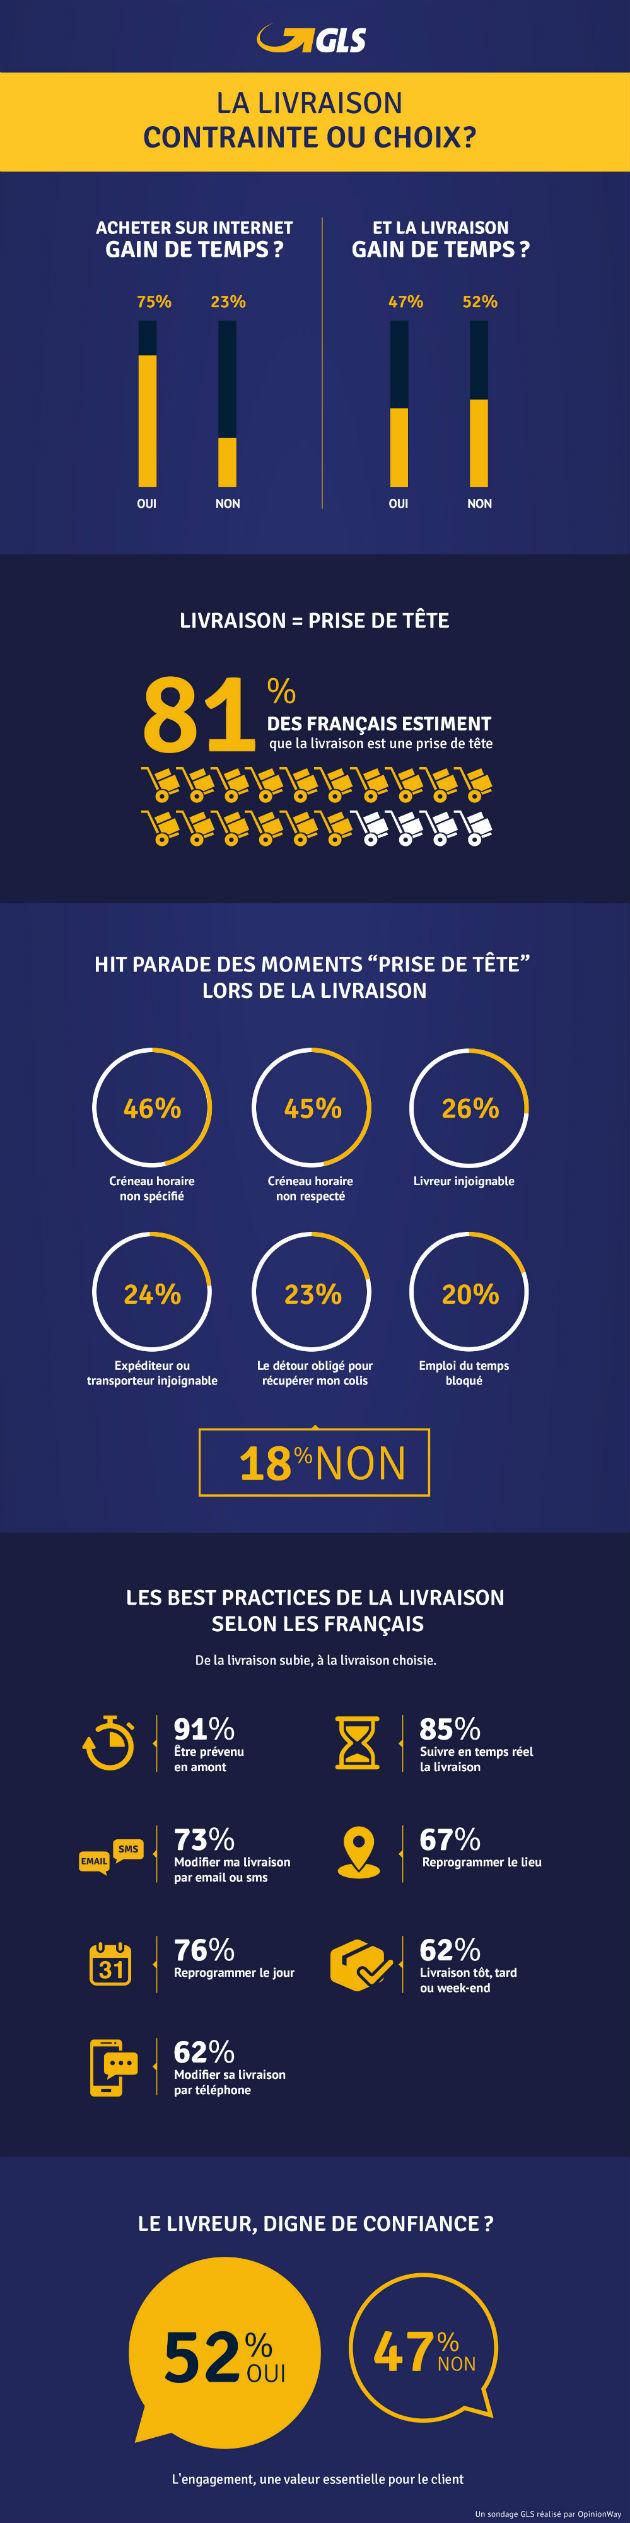 infographie-ecommerce-livraison